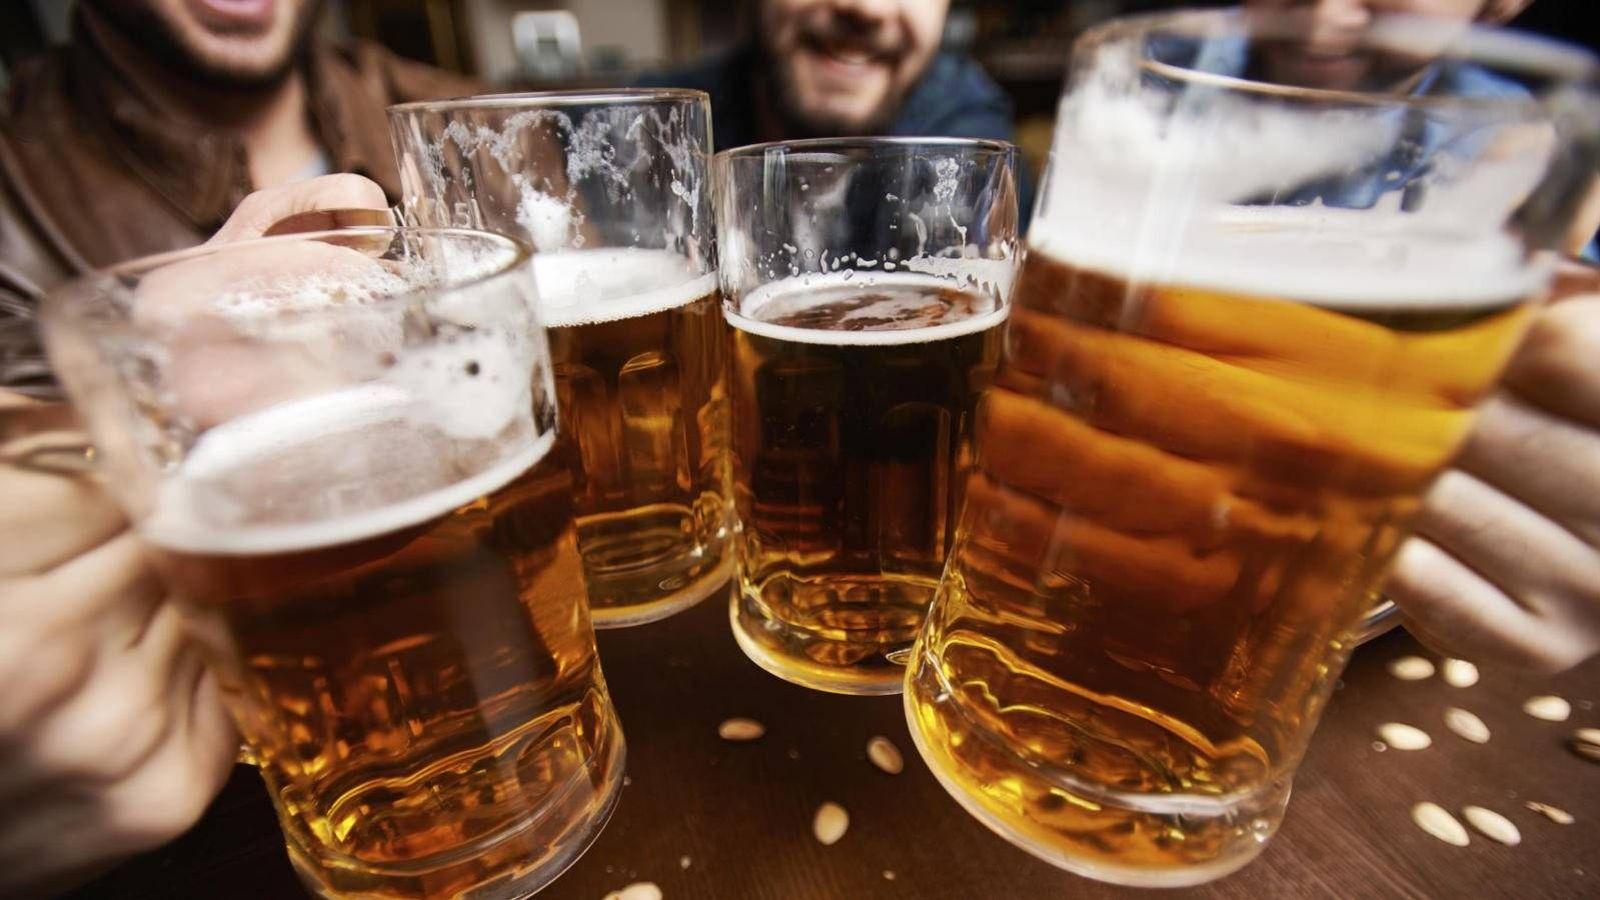 El alcohol en gran cantidad puede causar estreñimiento